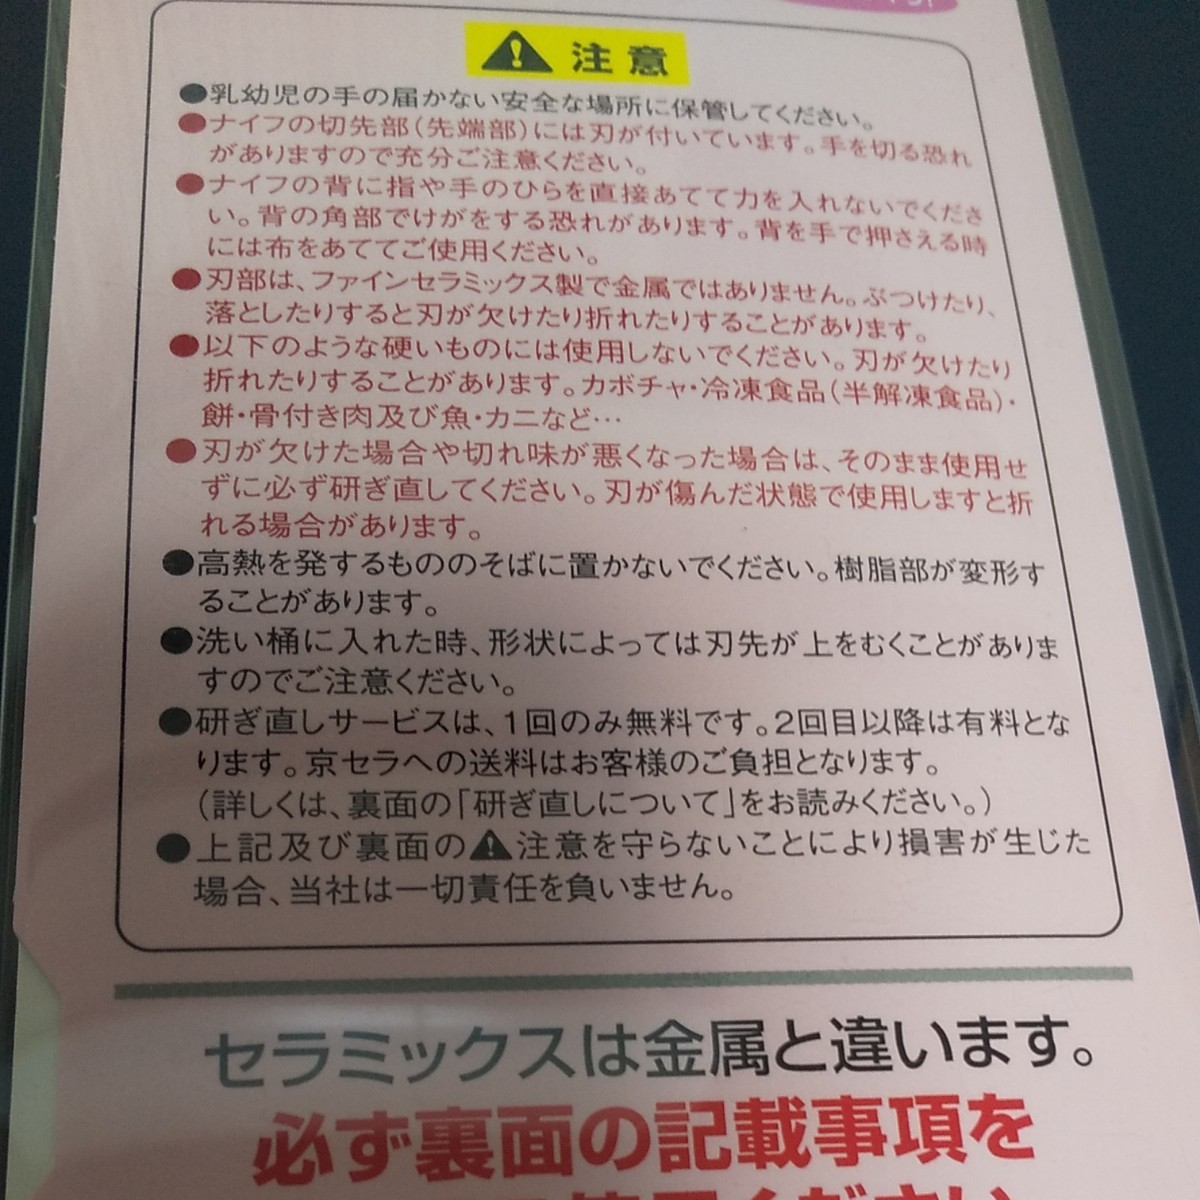 京セラ (KYOCERA) 桜シリーズ セラミツクナイフ (三徳) ピンク FKR-P160X-IPKS -